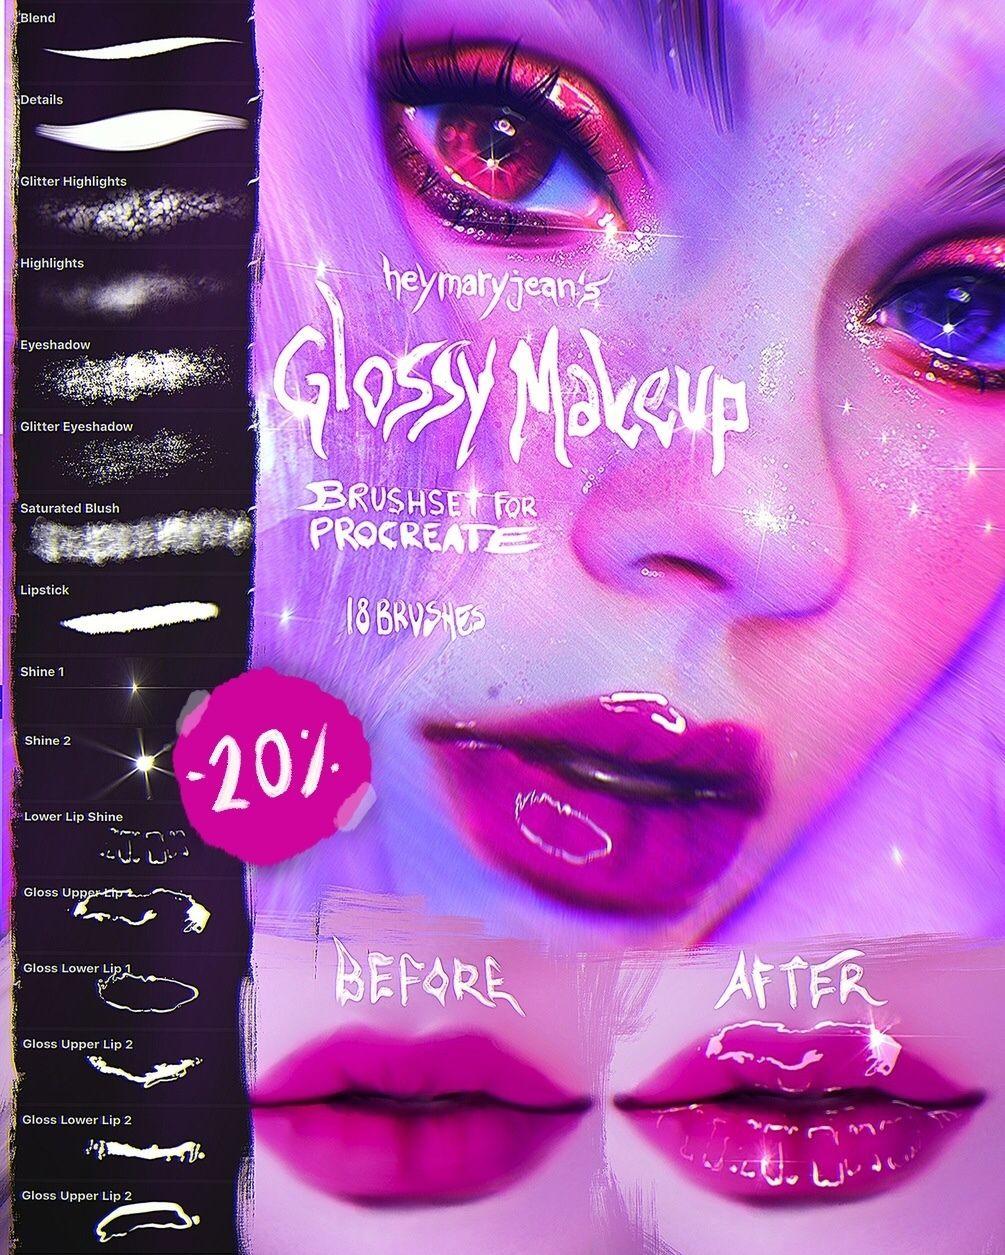 Glossy Makeup Brushset for Procreate by heymaryjean en